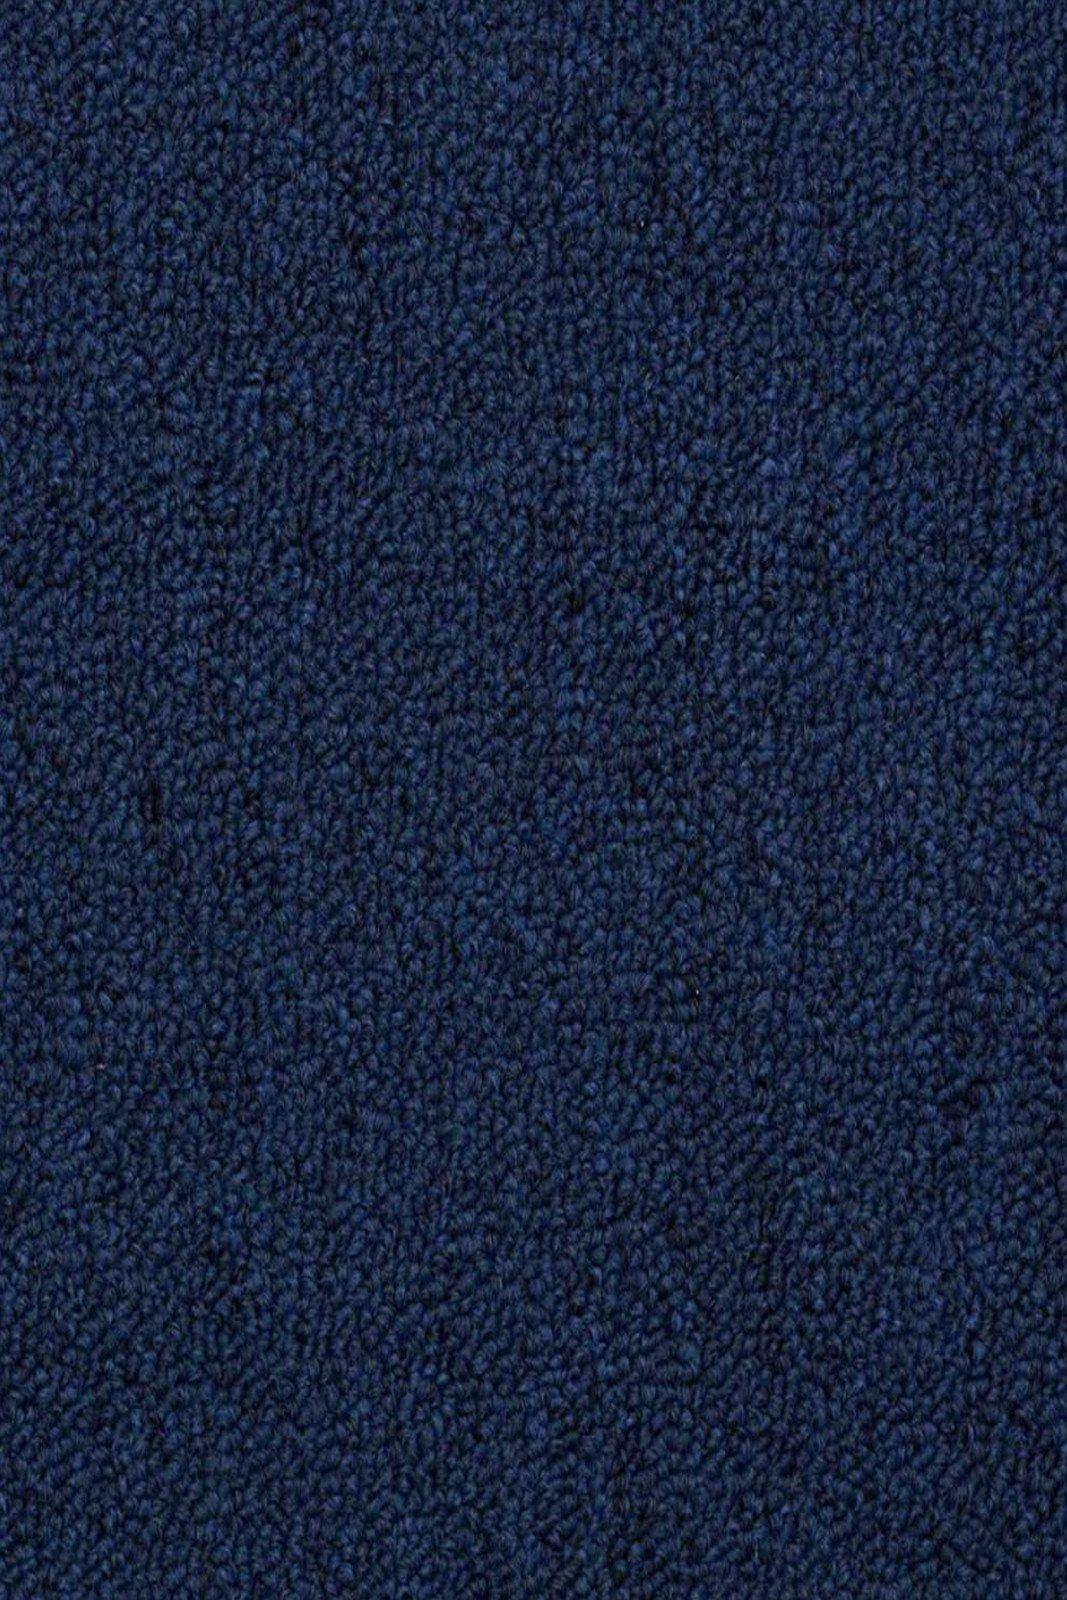 Indoor Outdoor Oversize Navy Color - 7' x 9' Area Rugs